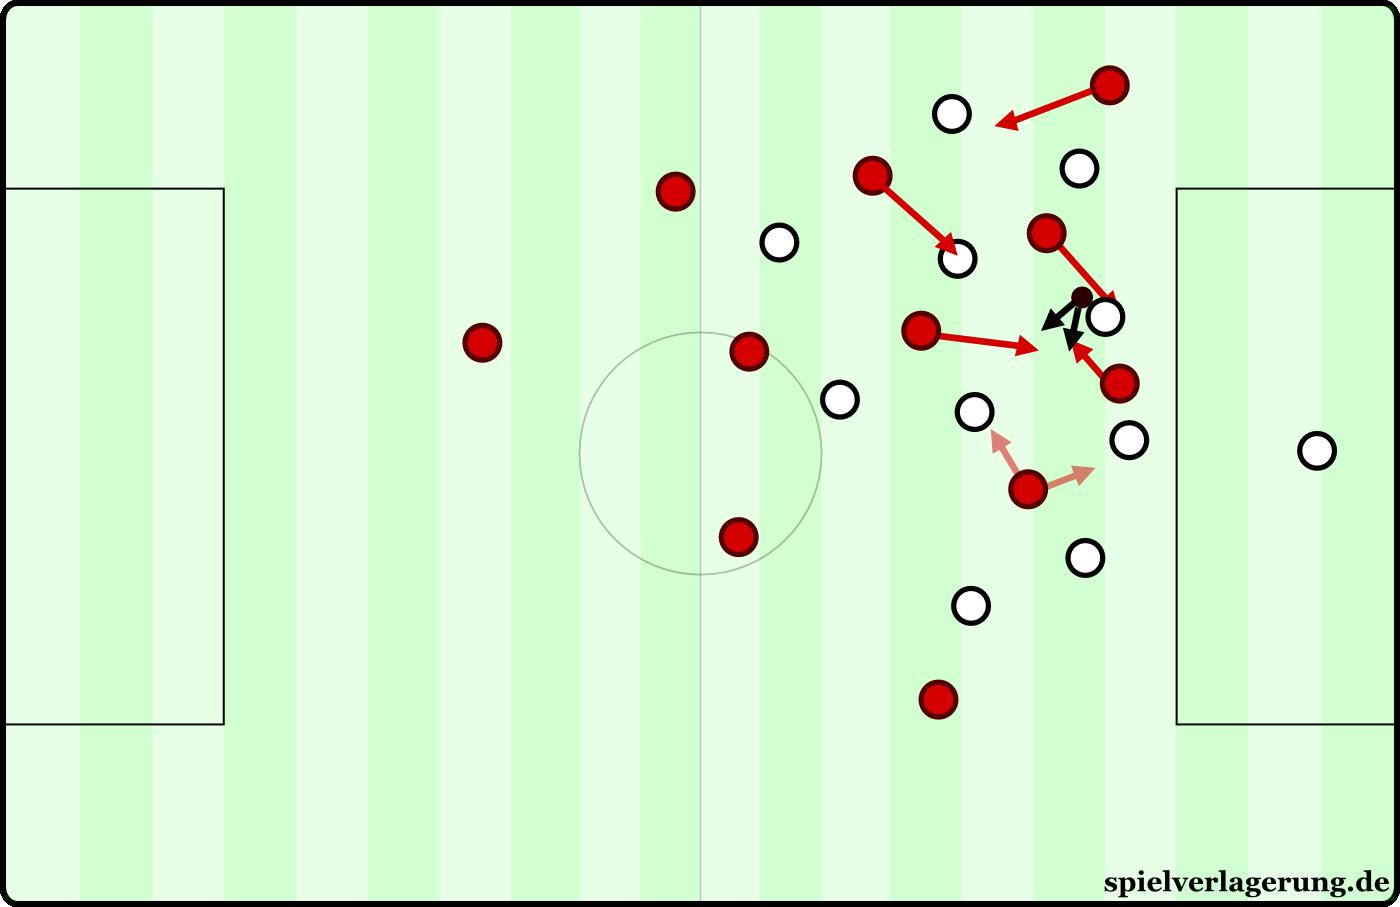 Anlaufverhalten: Überlaufen. Der Gegner wird in eine bestimmte Bewegung geleitet, woraufhin die Gegenpressingmaschine erst richtig in Gang kommt.